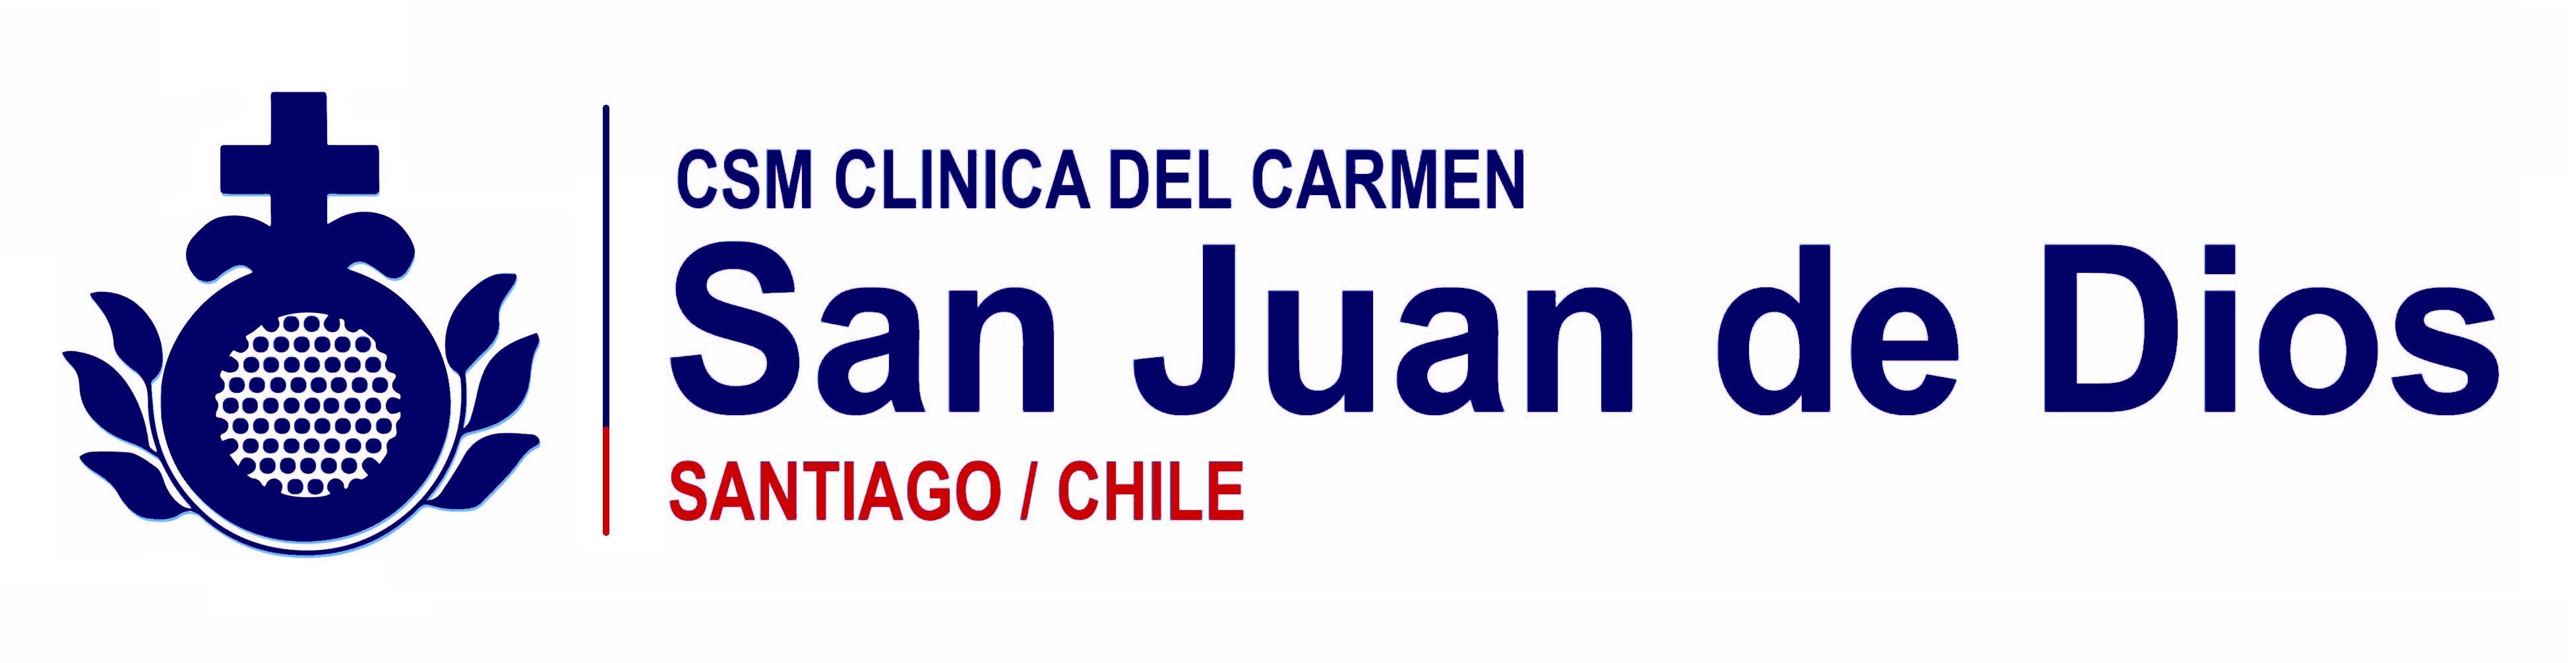 CSM Clínica del Carmen